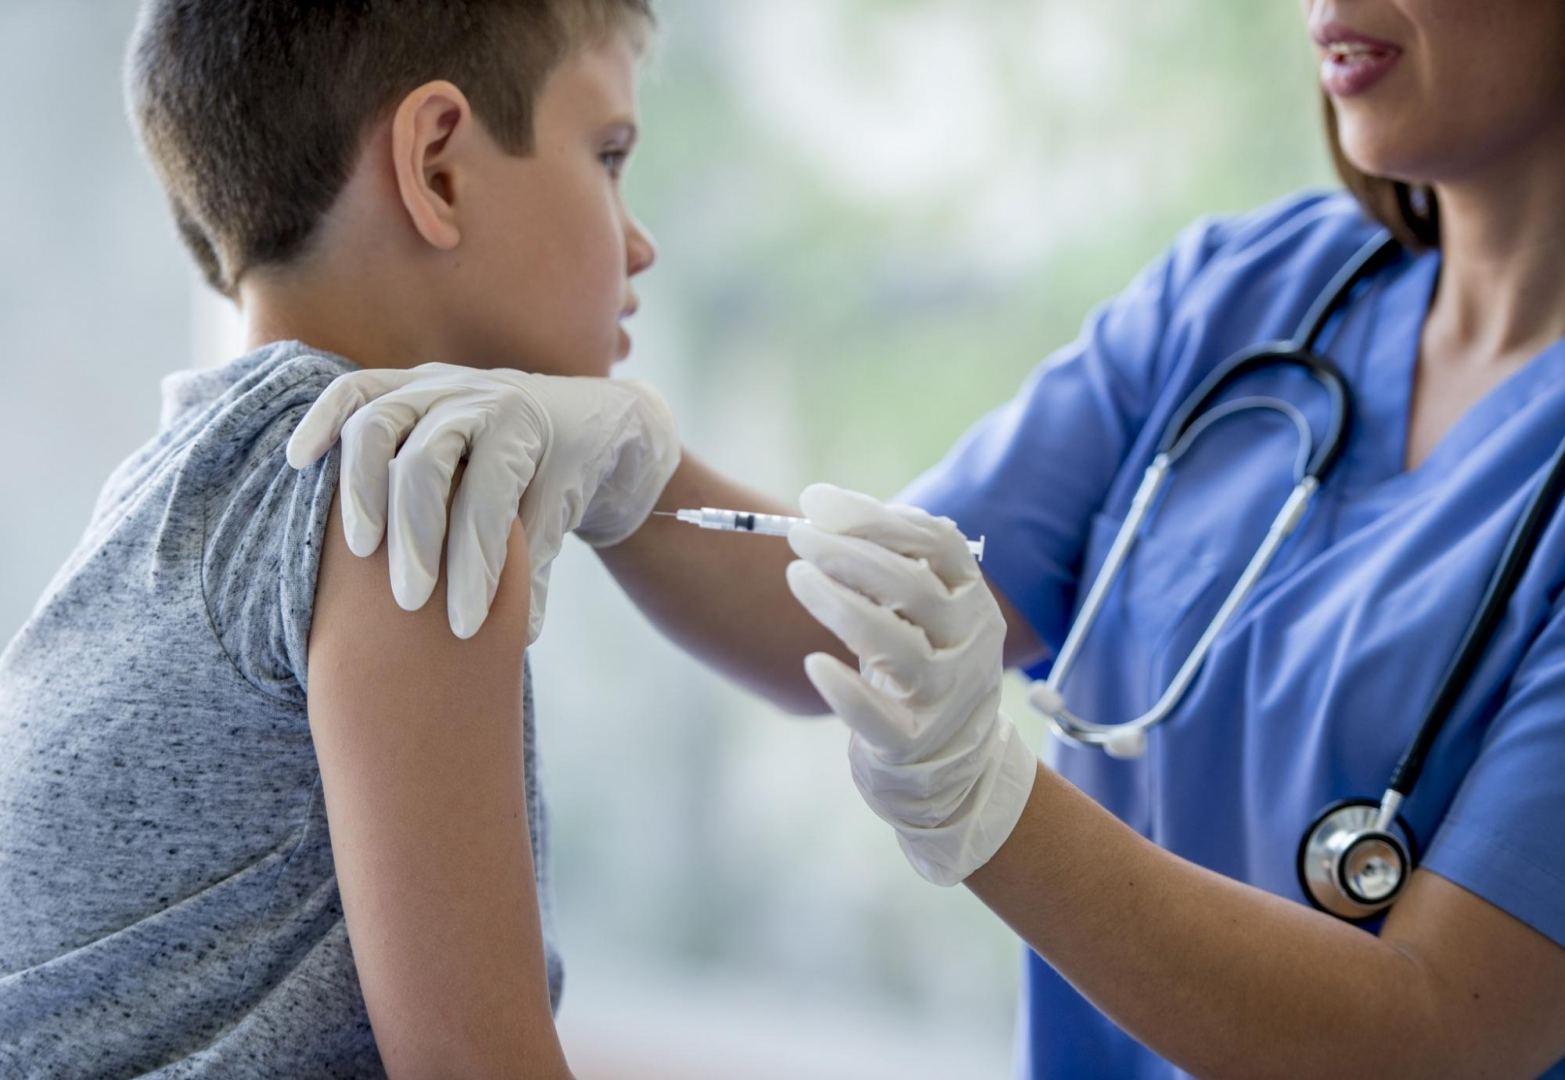 Çində üç yaşdan yuxarı uşaqların vaksinasiyası başlayacaq